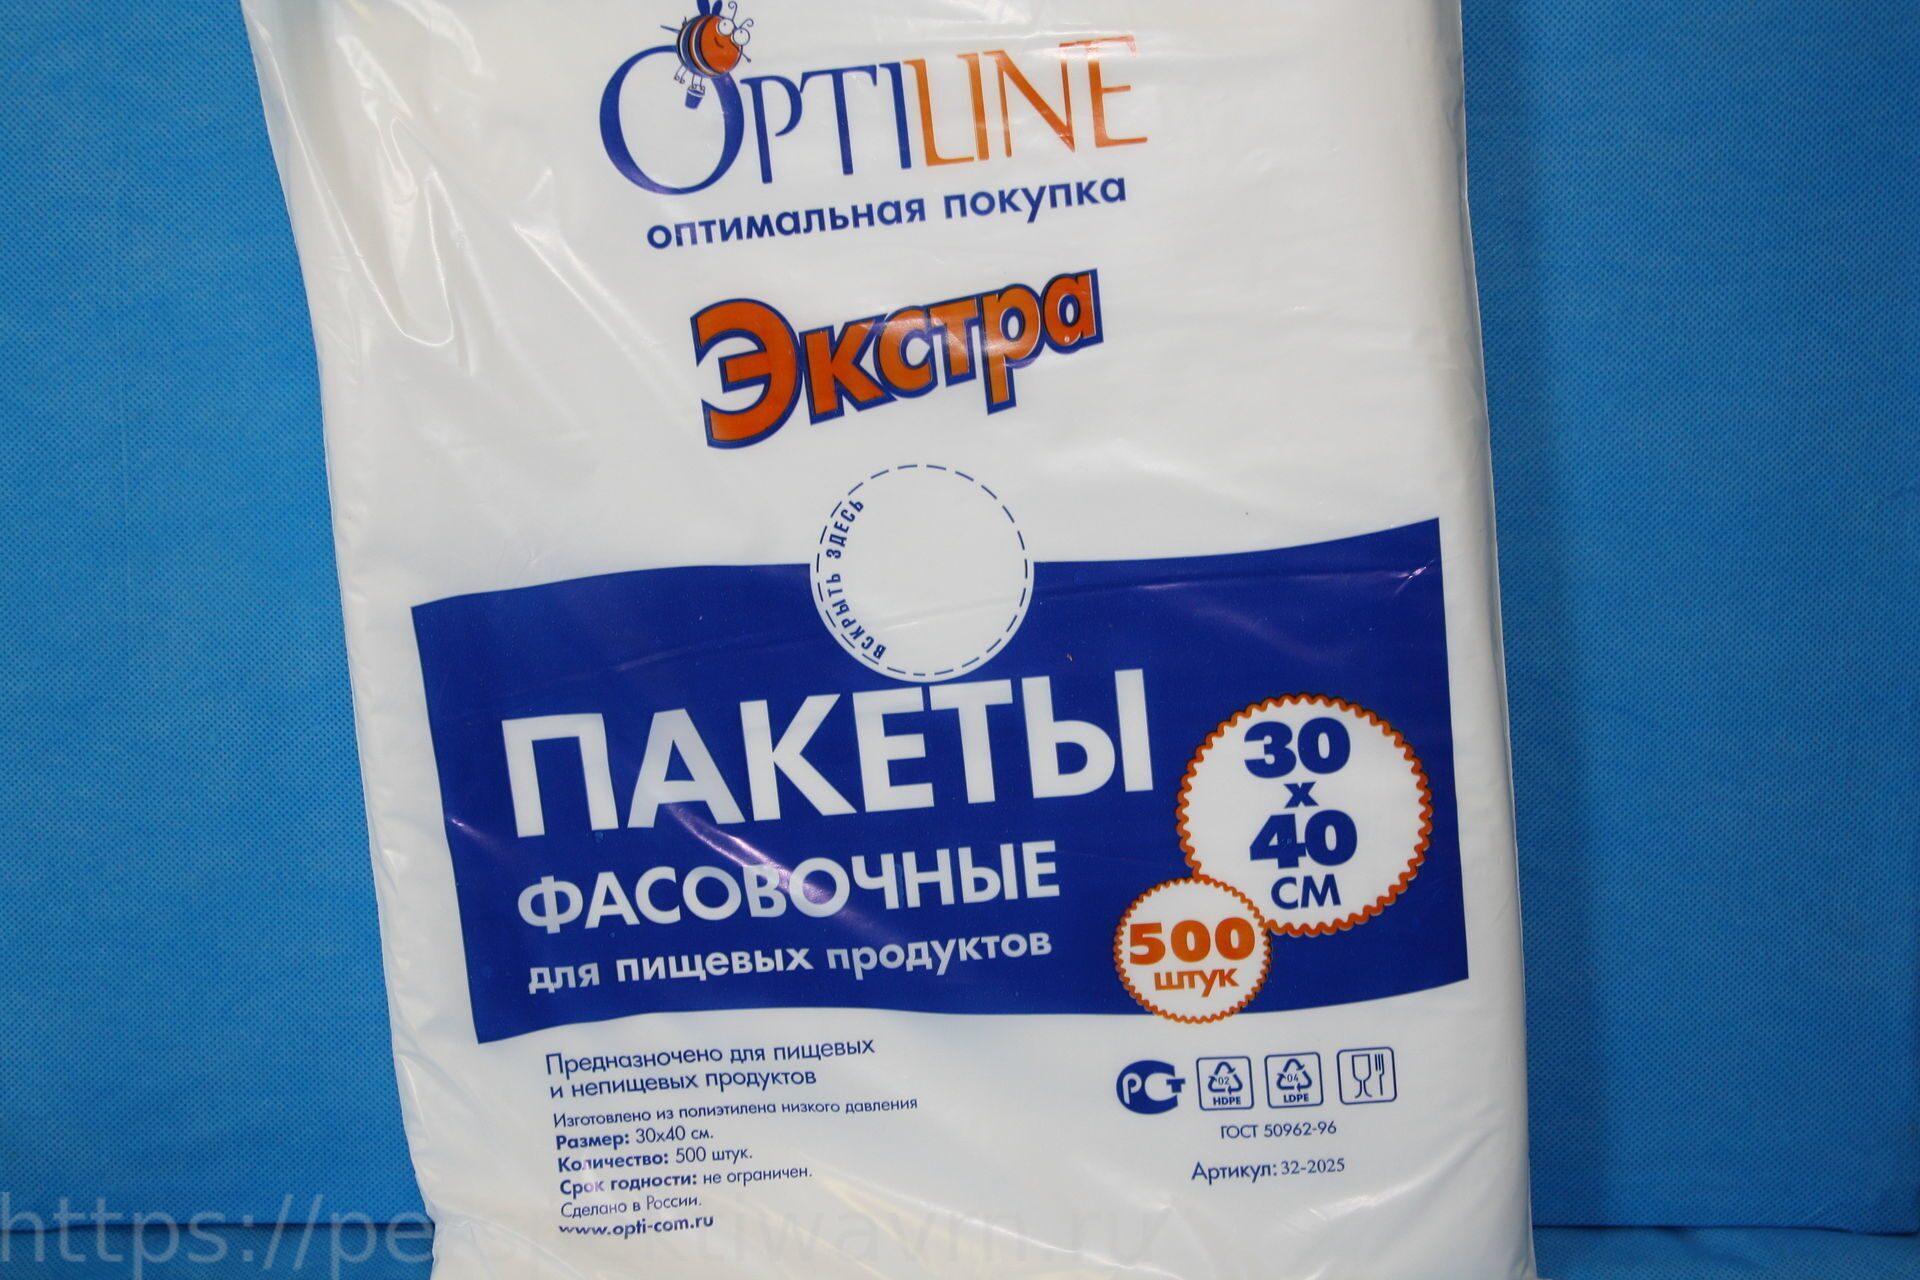 купить полиэтиленовые пакеты в тюмени